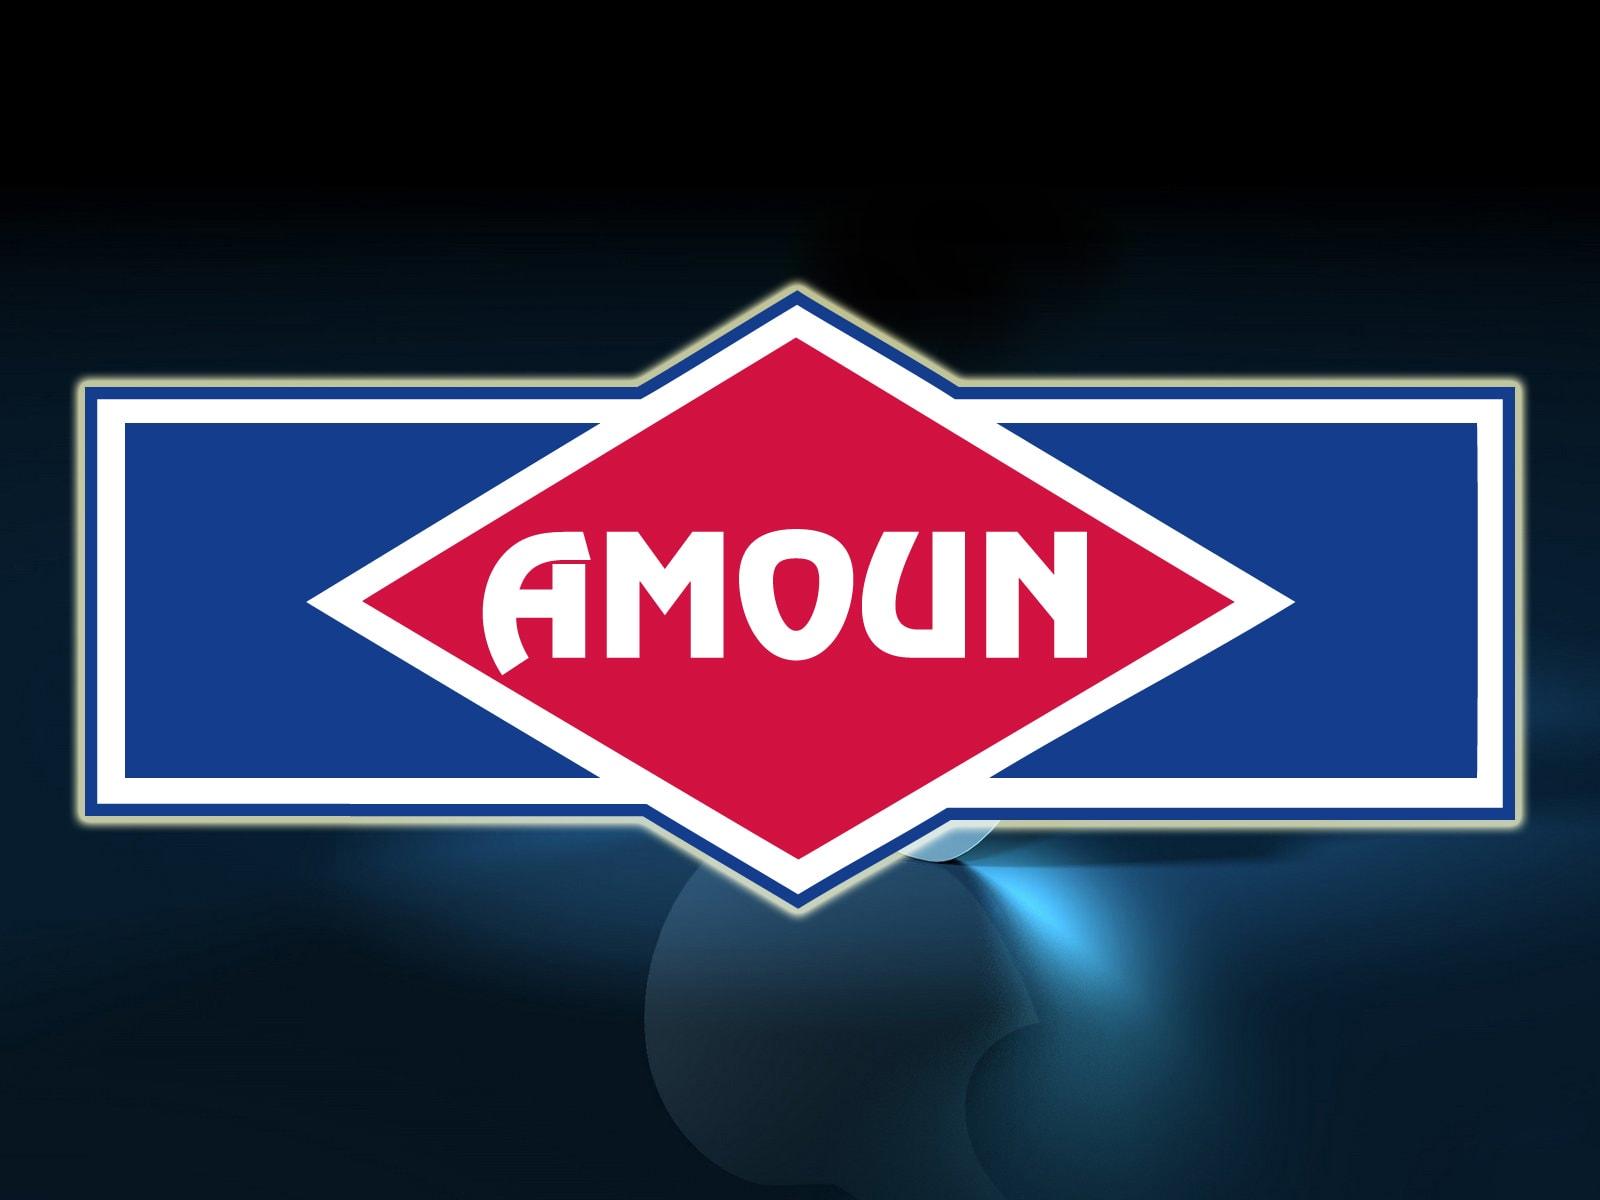 """شركة القابضة الإماراتية تستحوذ على """"آمون"""" للأدوية المصرية في صفقة بقيمة 740 مليون دولار"""